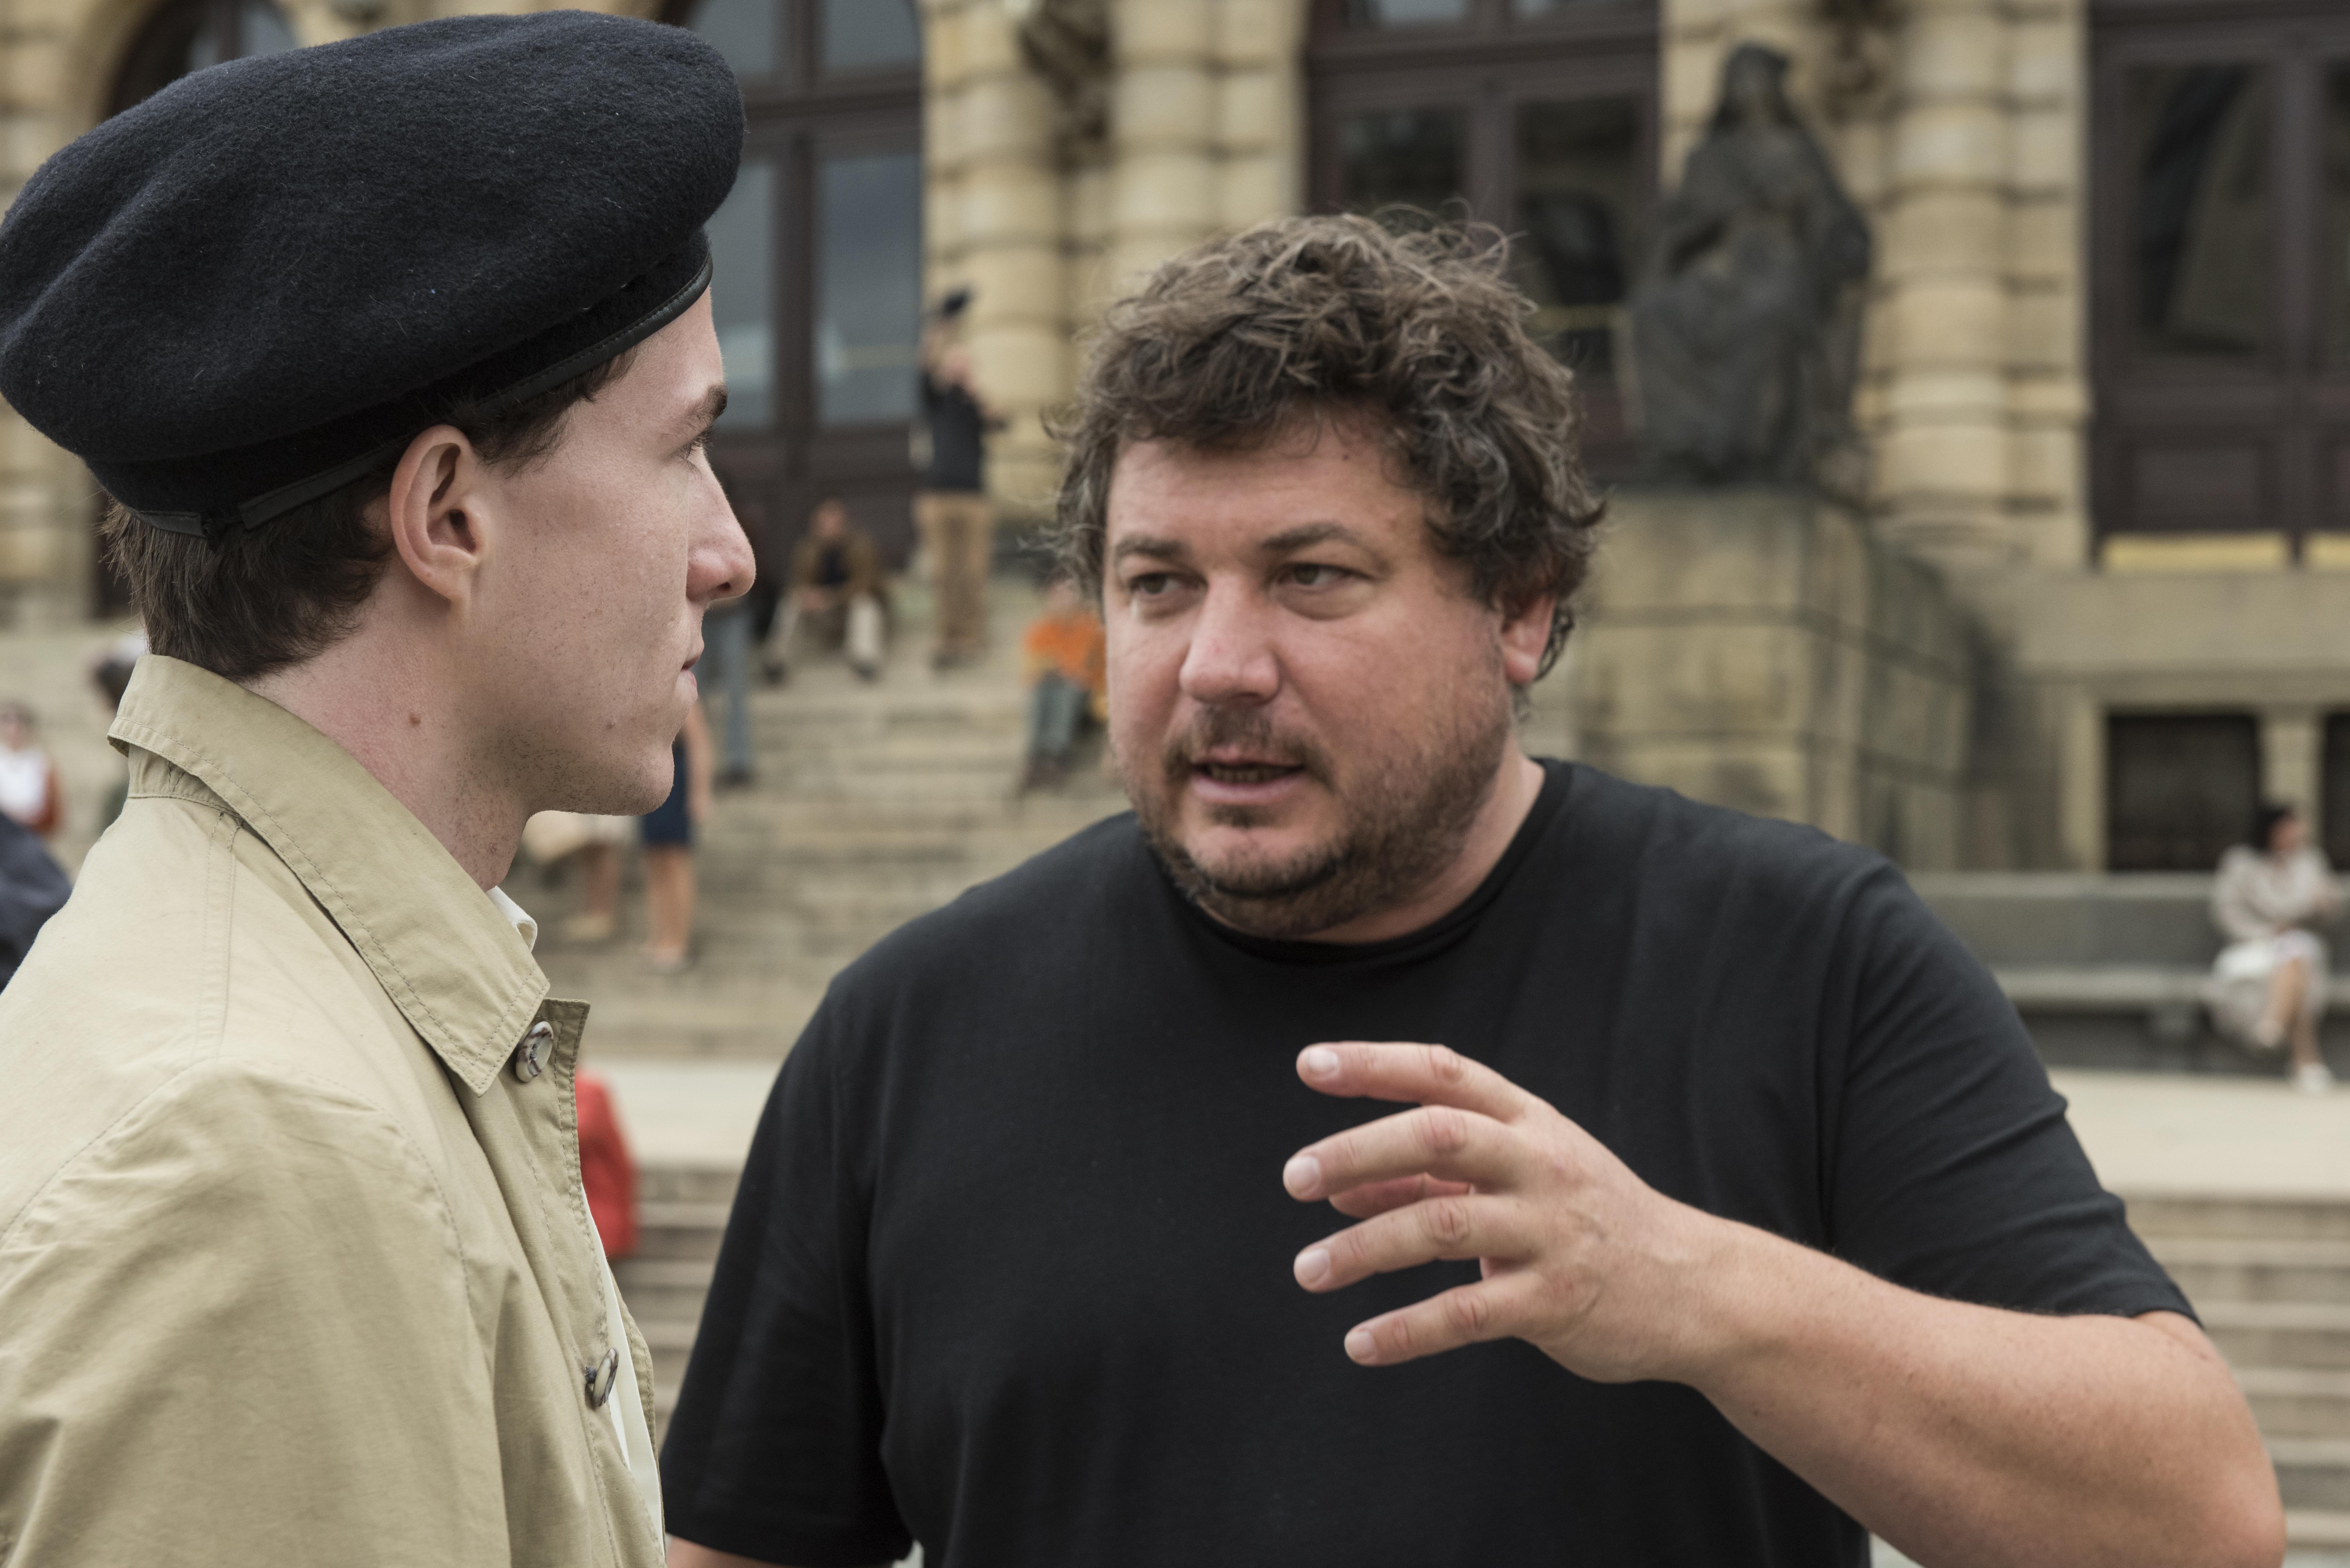 Z natáčení snímku Jan Palach. Vpravo režisér snímku Robert Sedláček, vlevo představitel hlavní role Viktor Zavadil